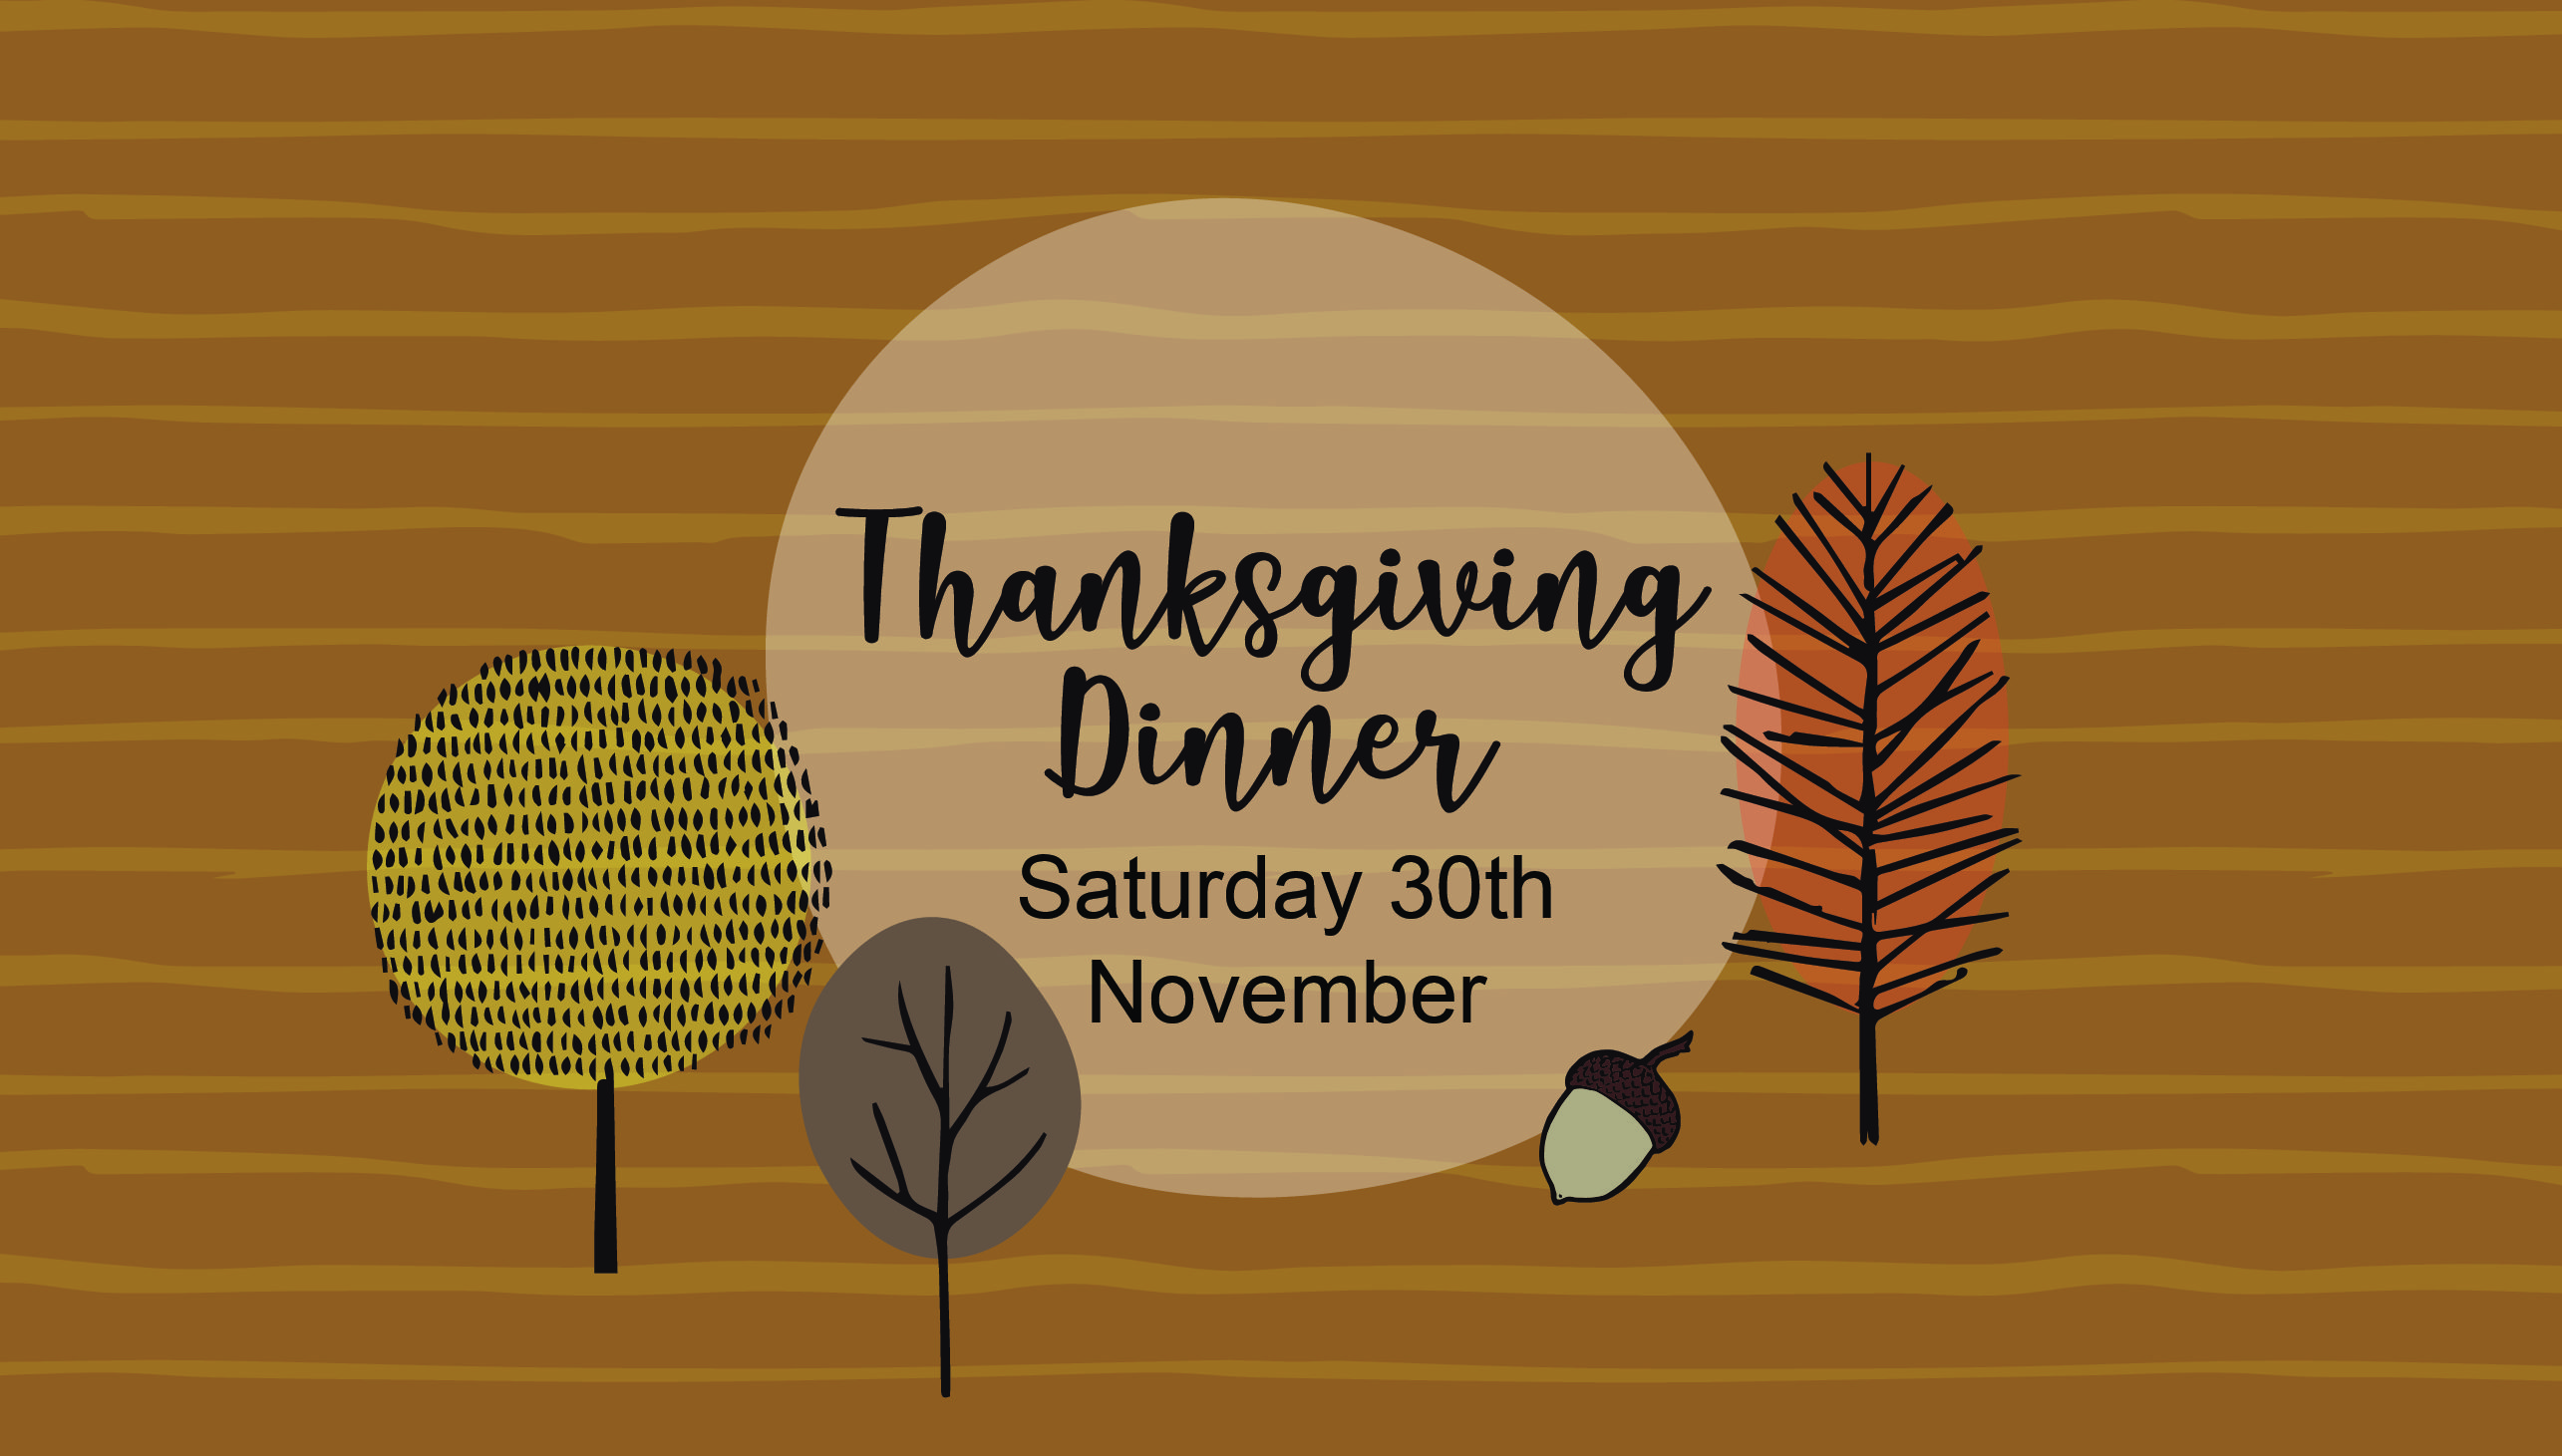 Thanksgiving Dinner Sat 30th November